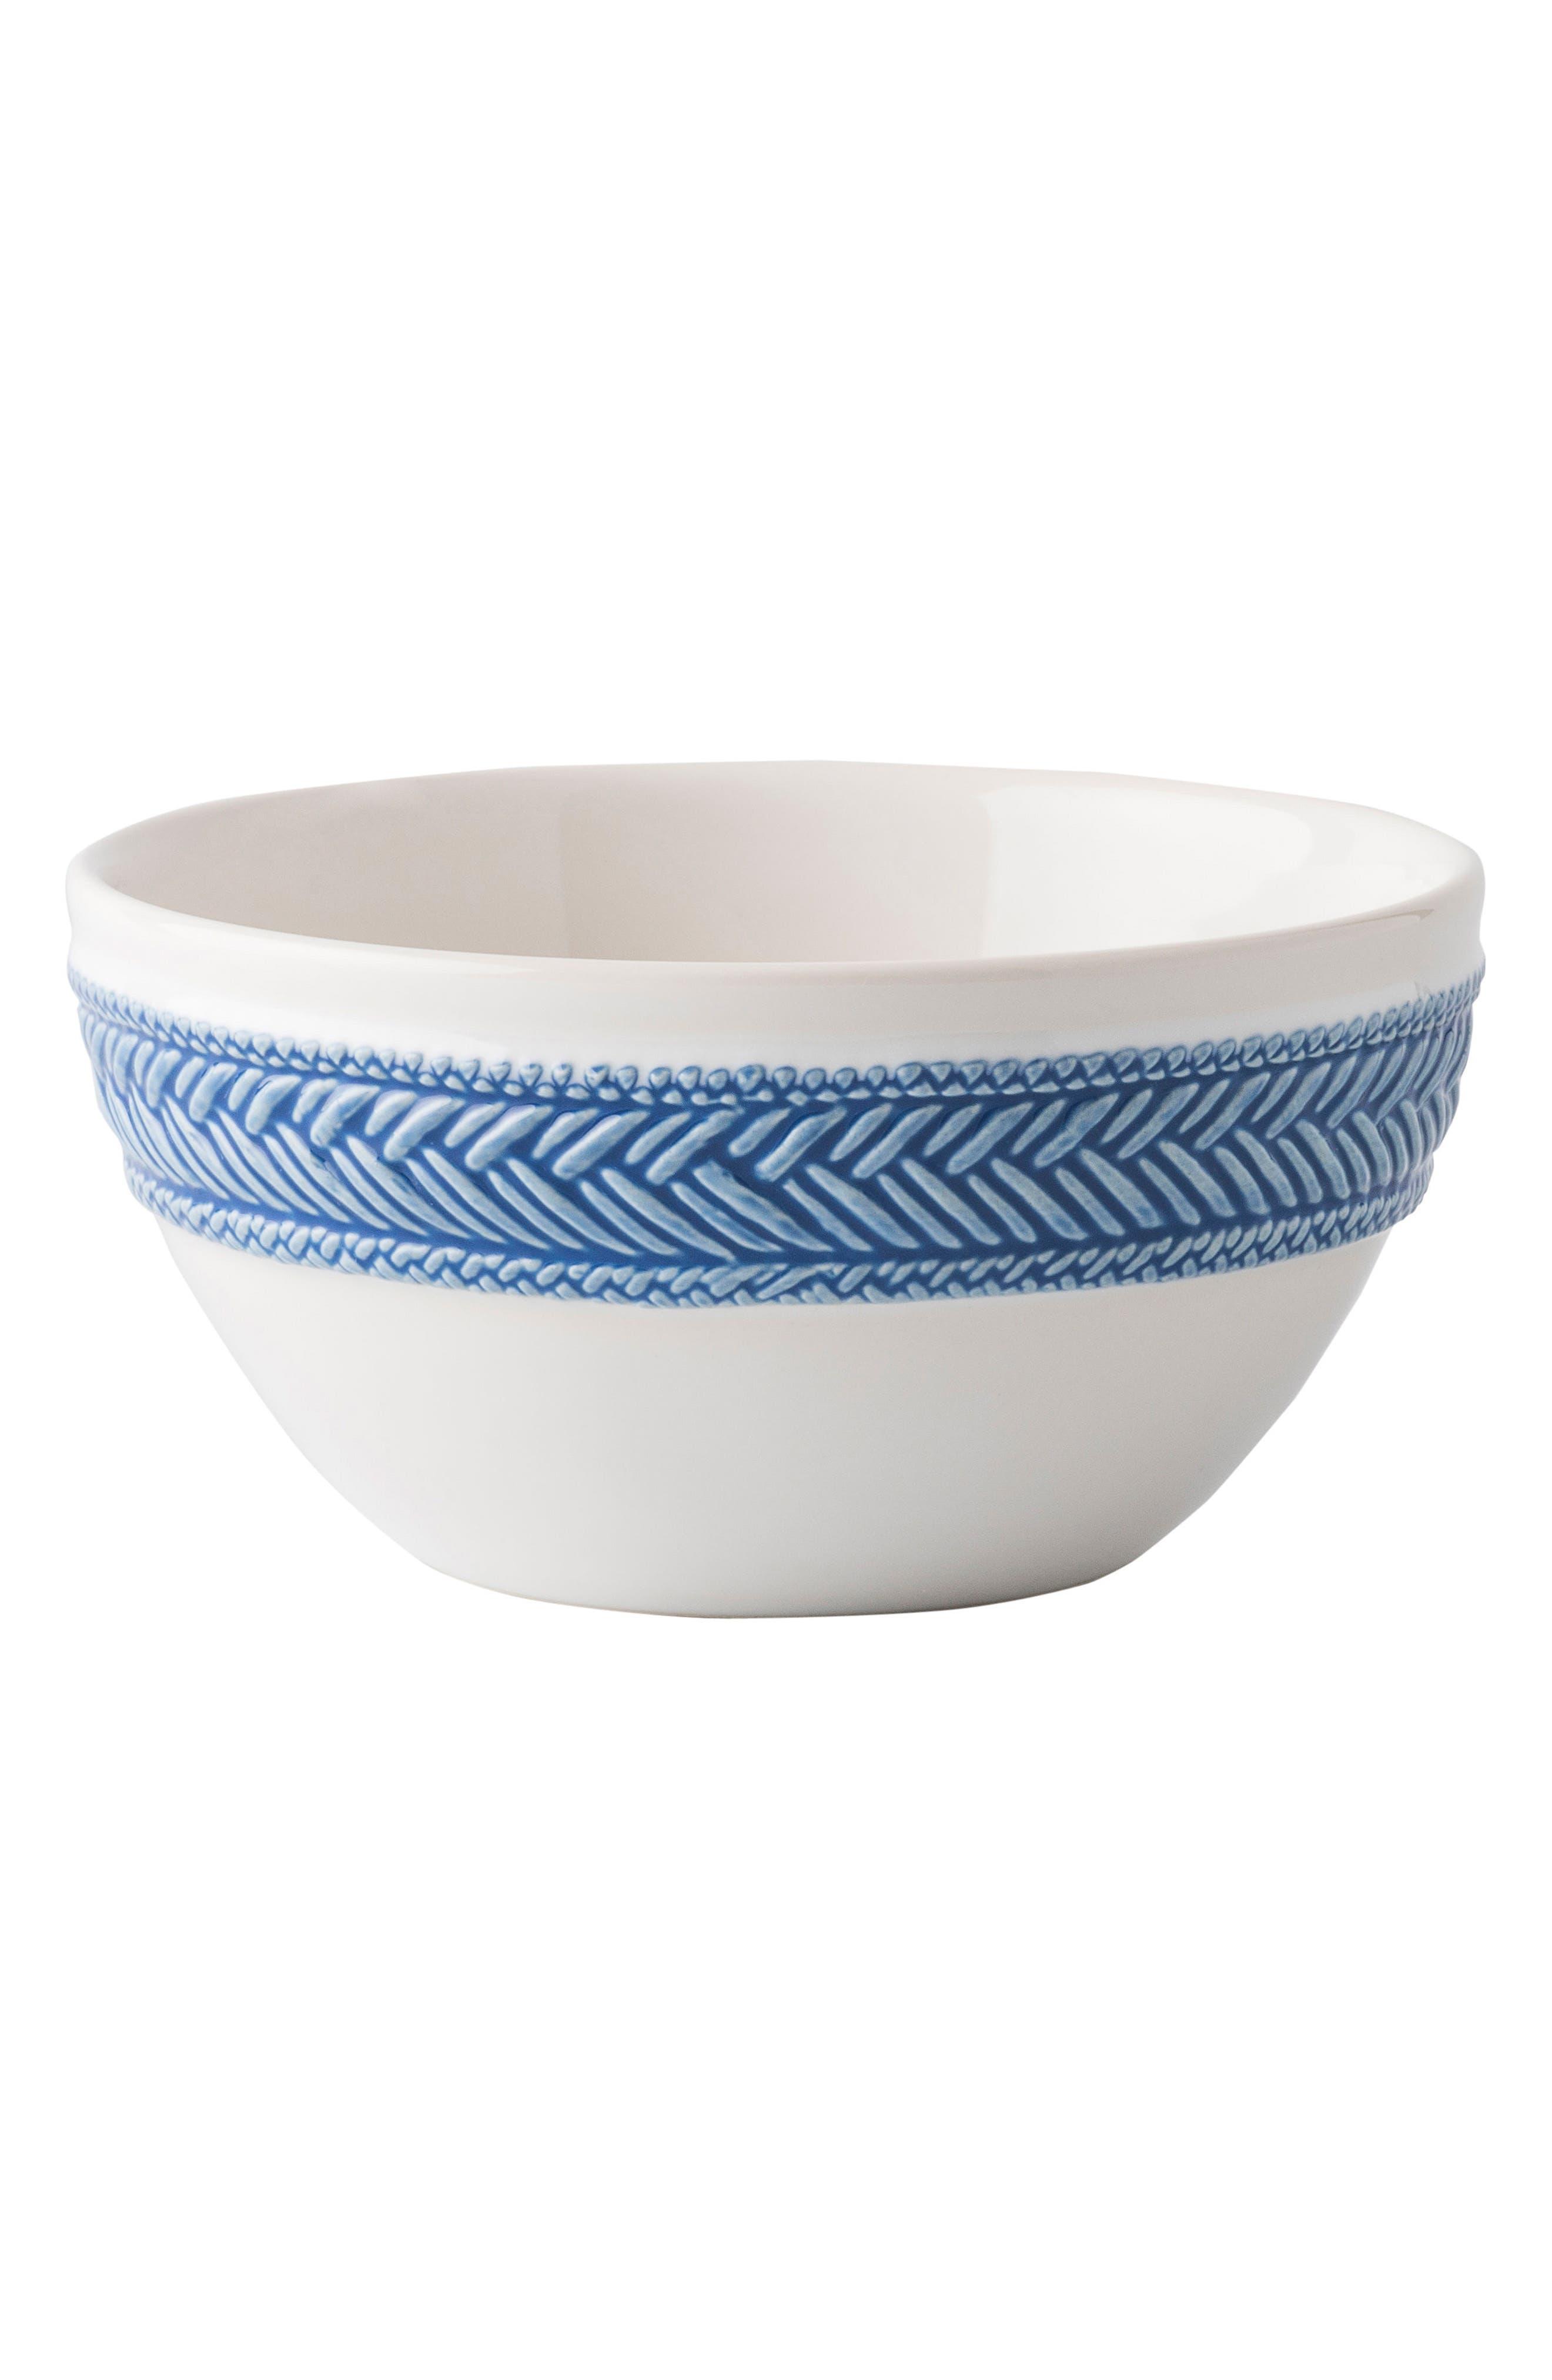 Le Panier Cereal Bowl,                             Main thumbnail 1, color,                             Whitewash/ Delft Blue